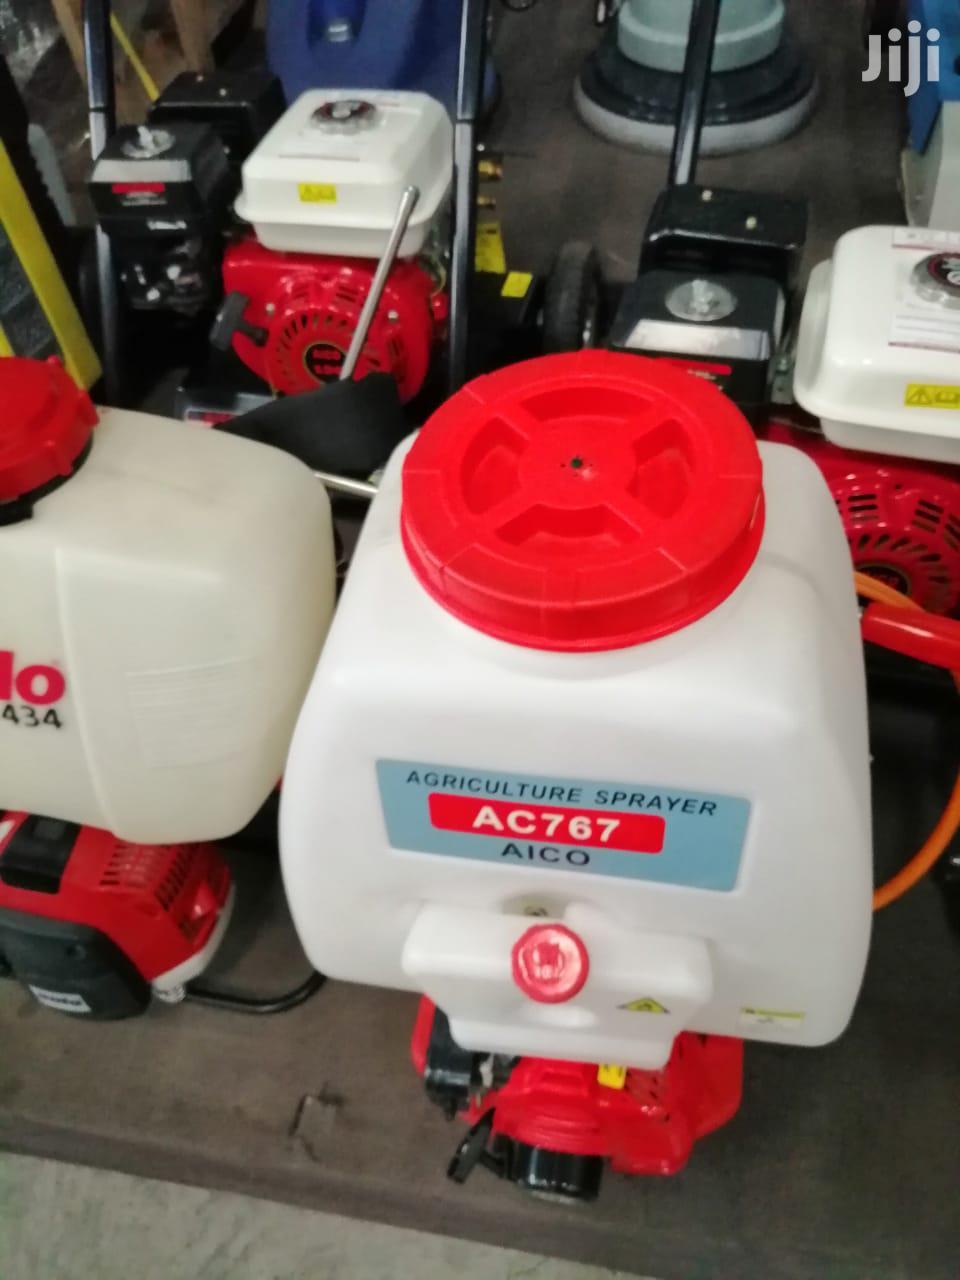 Brand New Engine Sprayer | Farm Machinery & Equipment for sale in Embakasi, Nairobi, Kenya